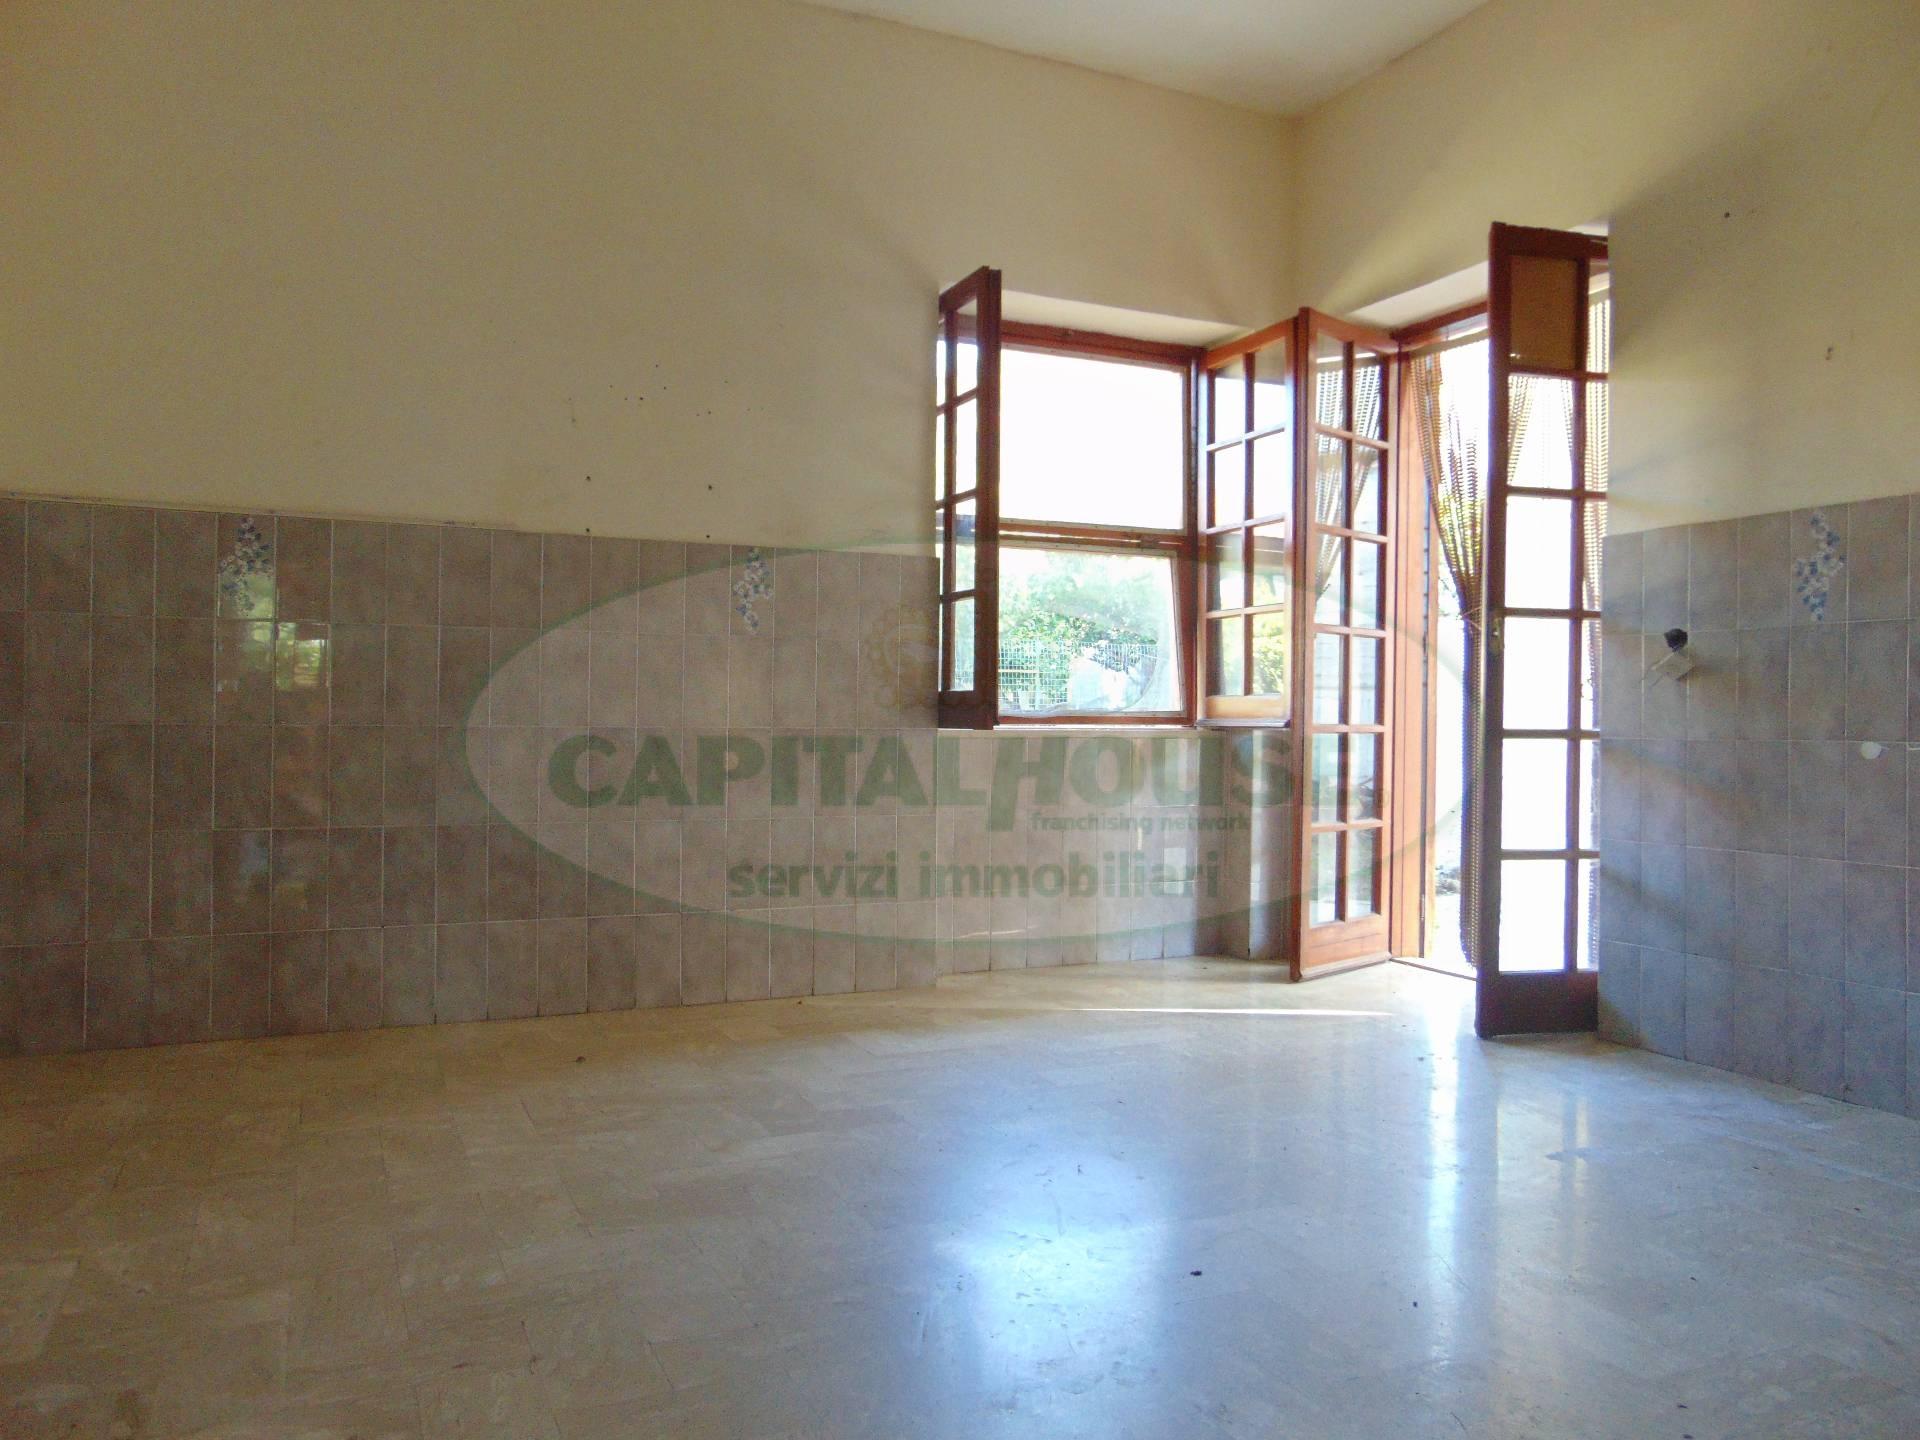 Soluzione Indipendente in vendita a Capua, 4 locali, zona Località: S.AngeloinFormis, prezzo € 248.000 | CambioCasa.it